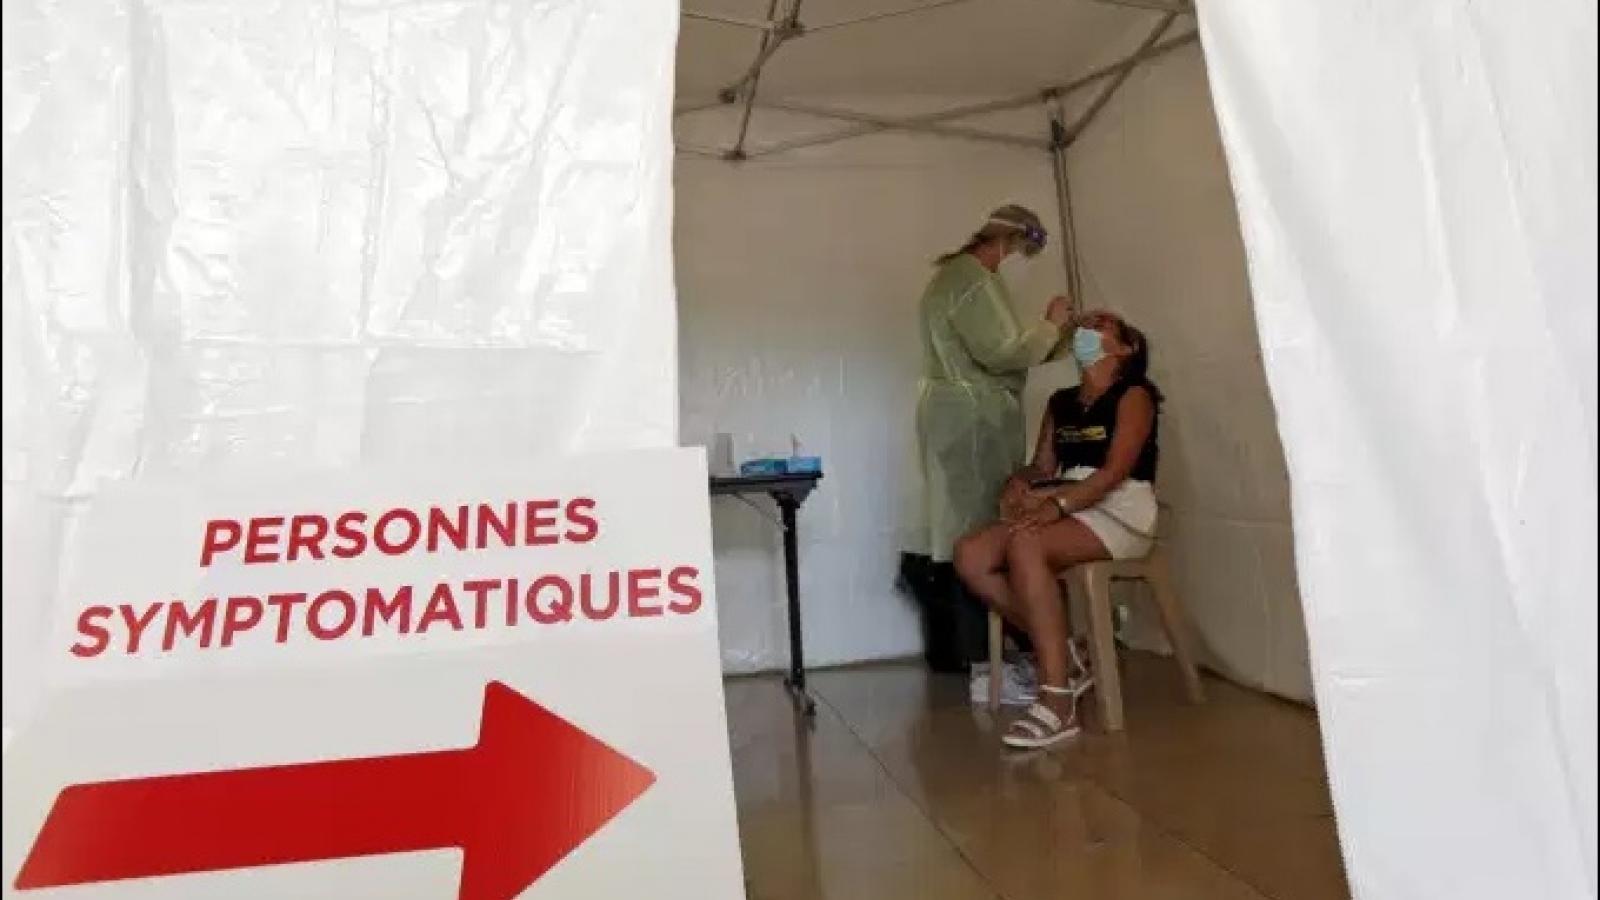 Pháp di chuyển bệnh nhân Covid-19 đi điều trị bằng máy bay